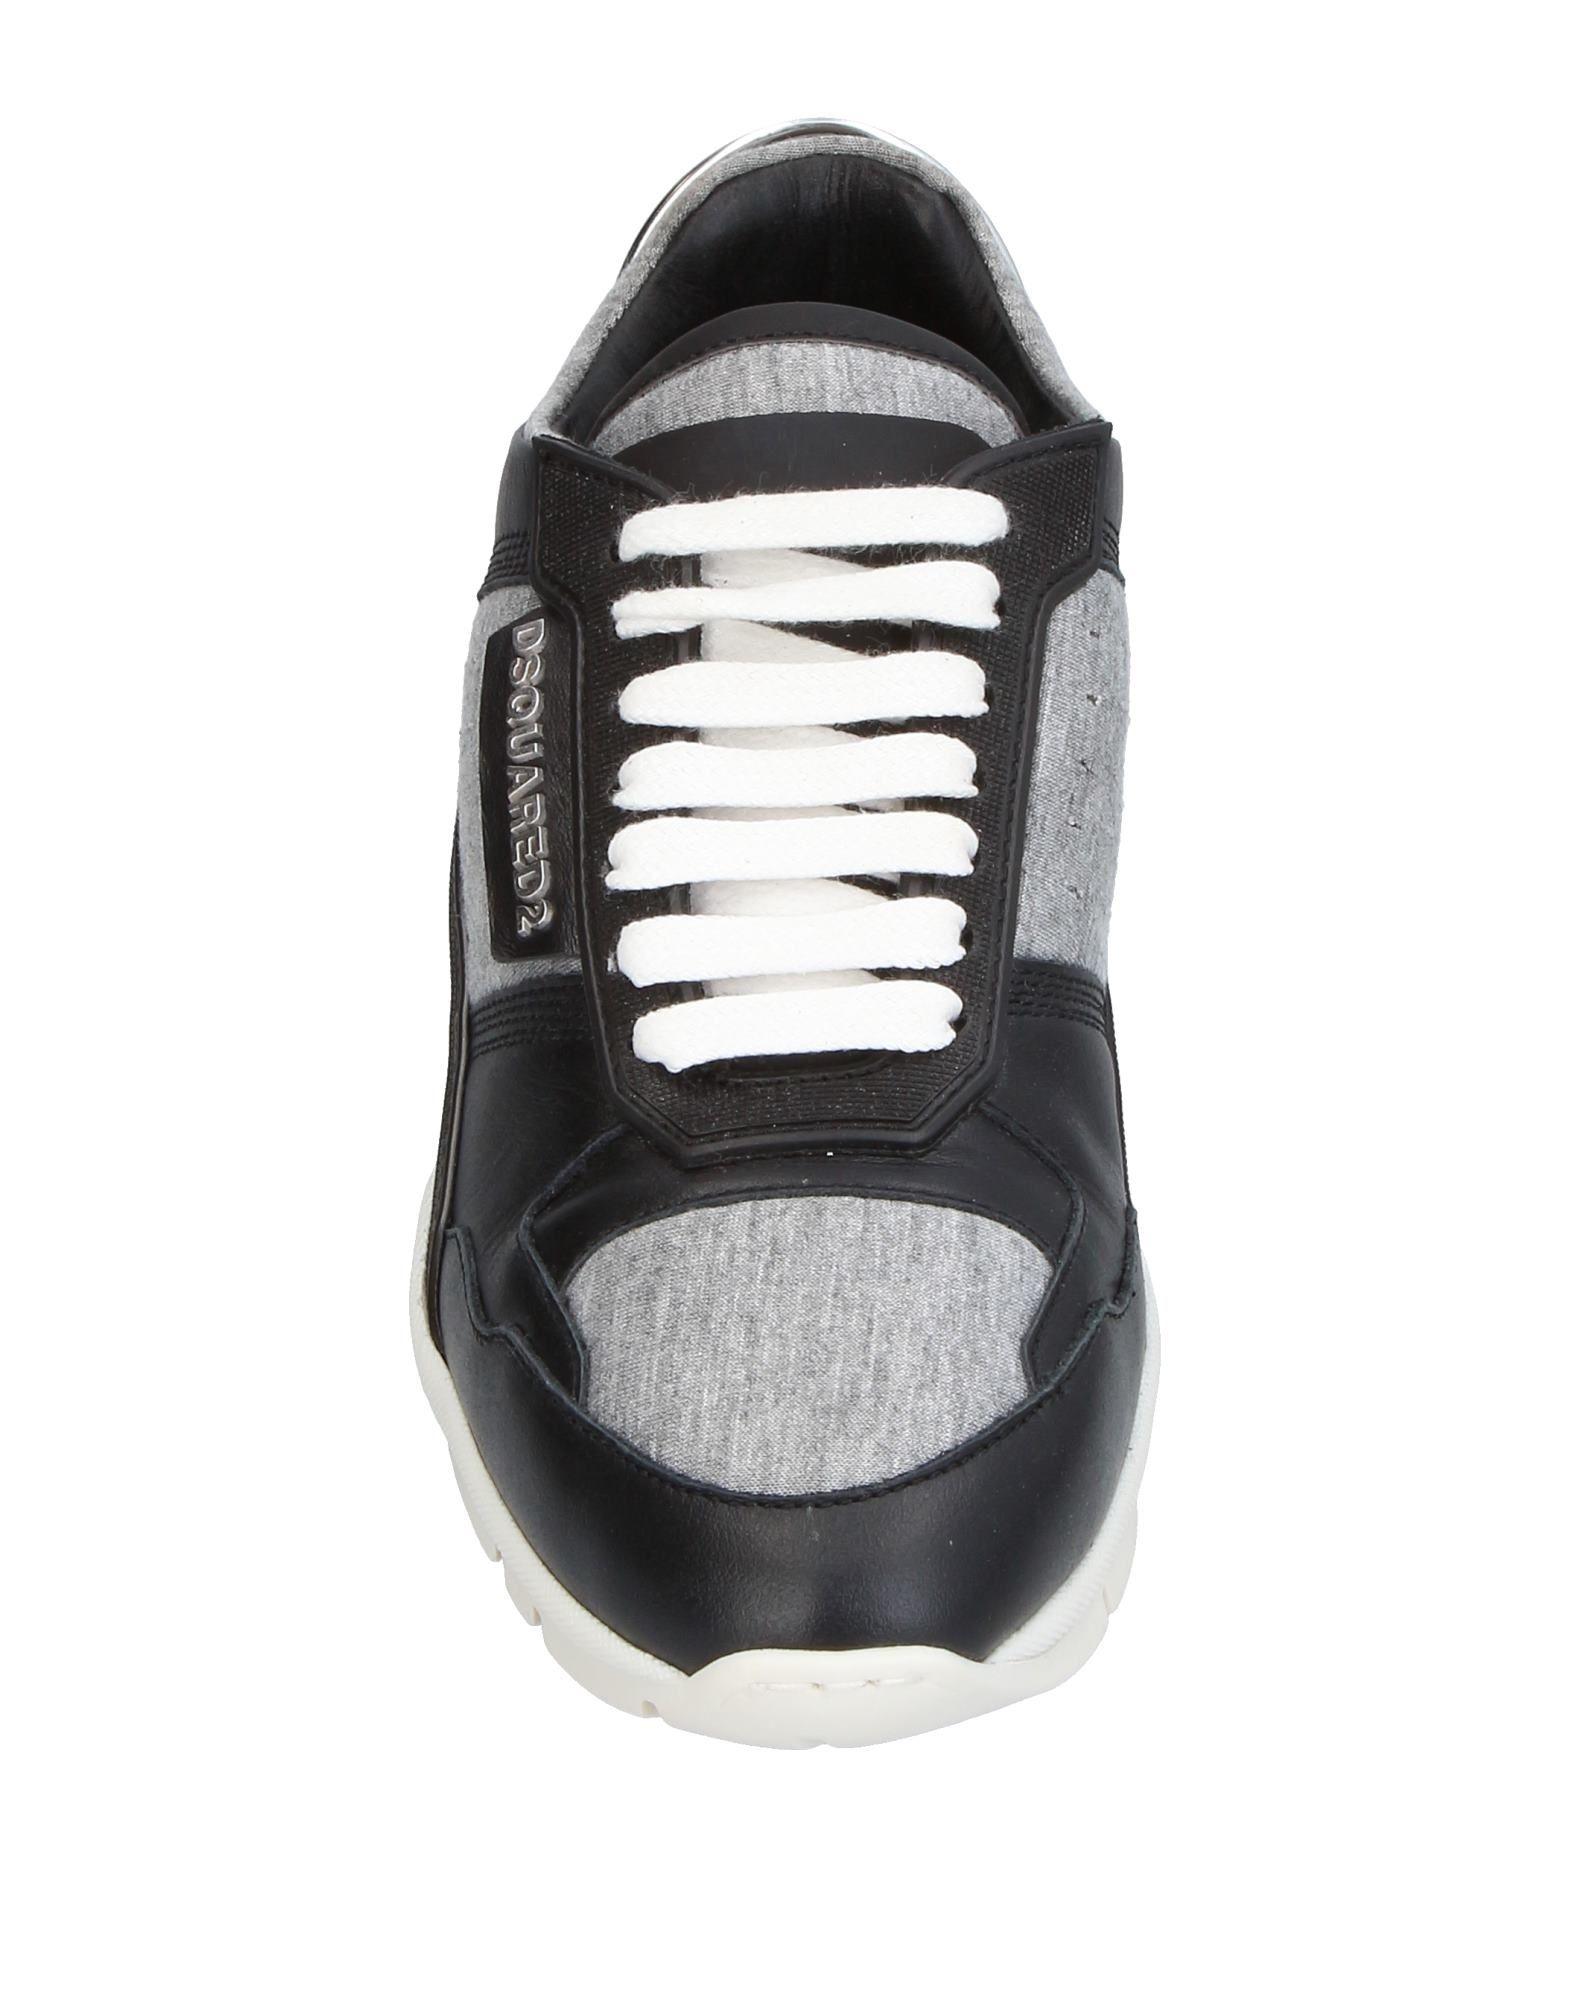 Dsquared2  Sneakers Damen  Dsquared2 11396455TU Heiße Schuhe 76d118